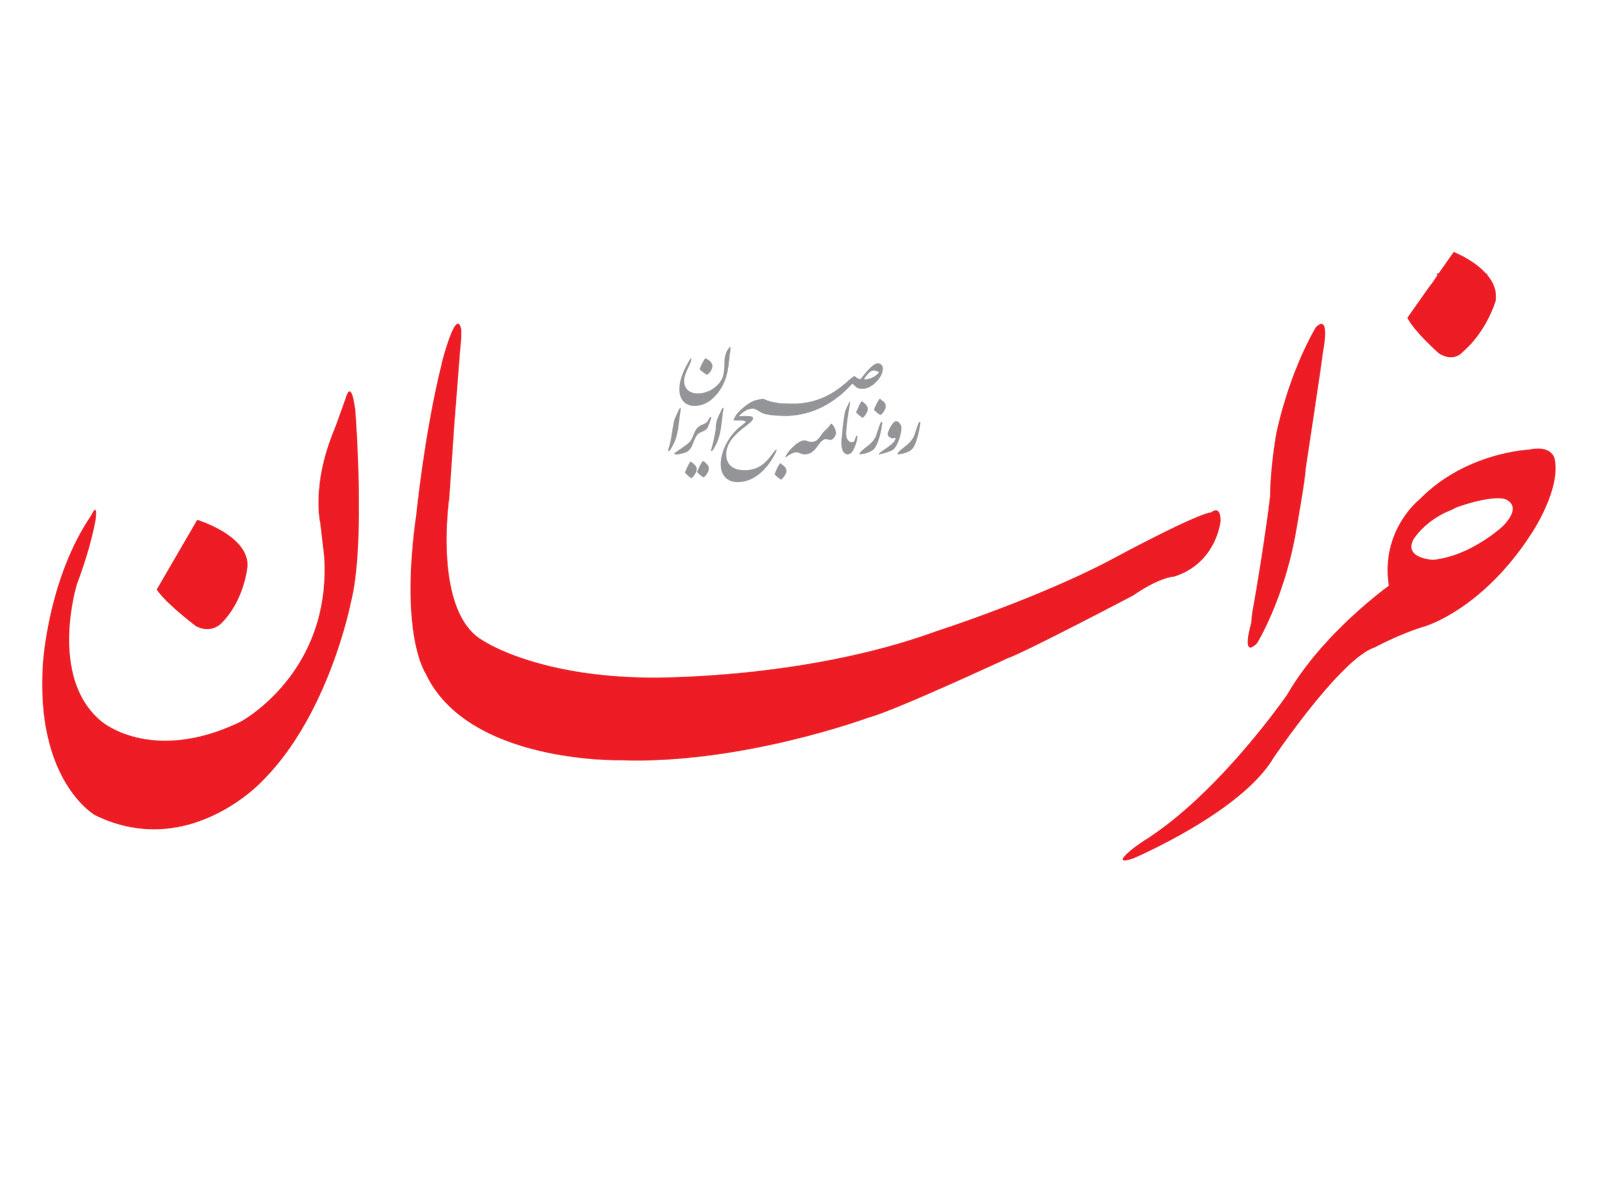 سرمقاله خراسان/ الزامات کار و کار و کار